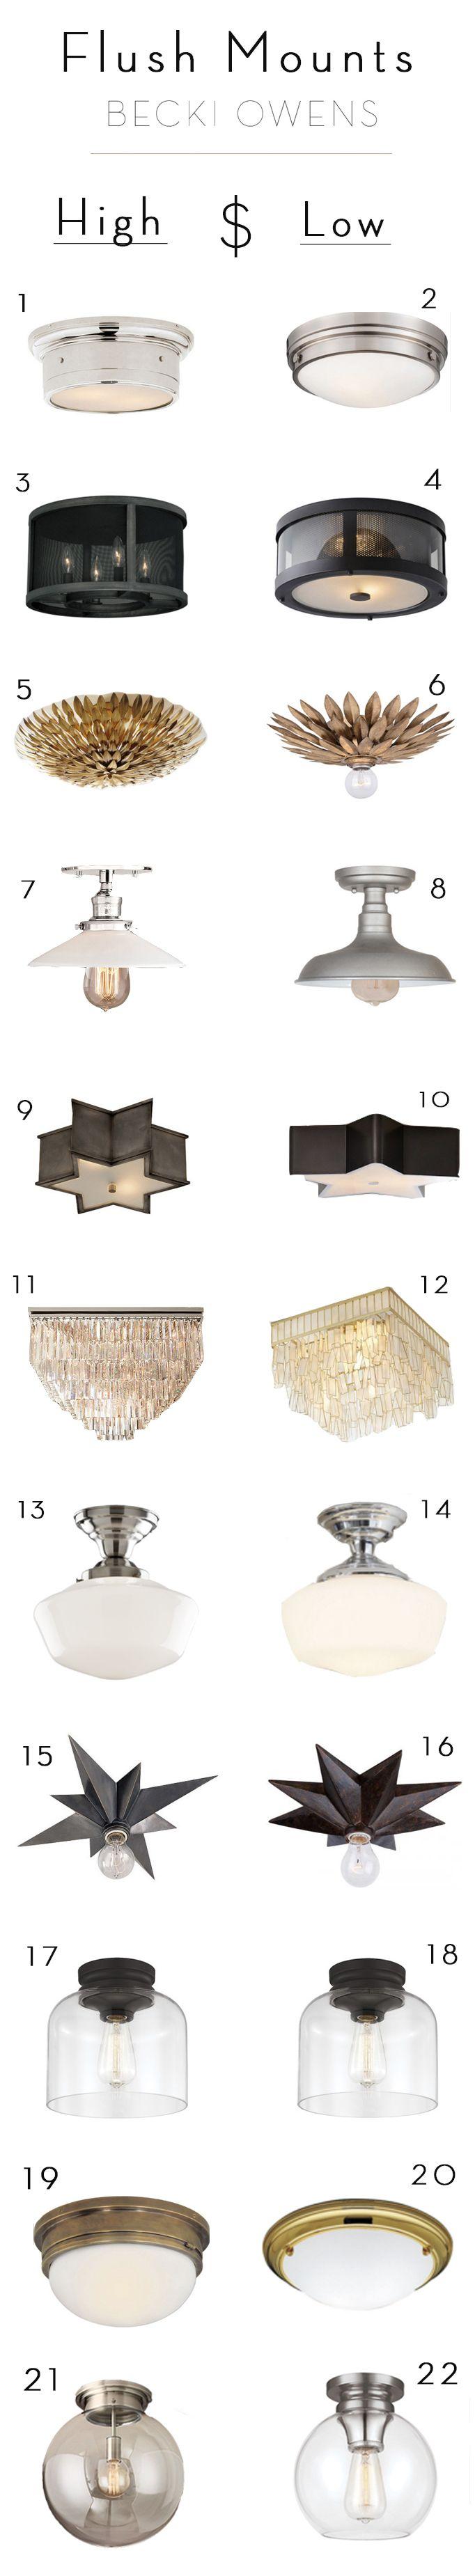 badezimmer einbauleuchten erhebung images und fbddcfcefb flush mount lighting home lighting